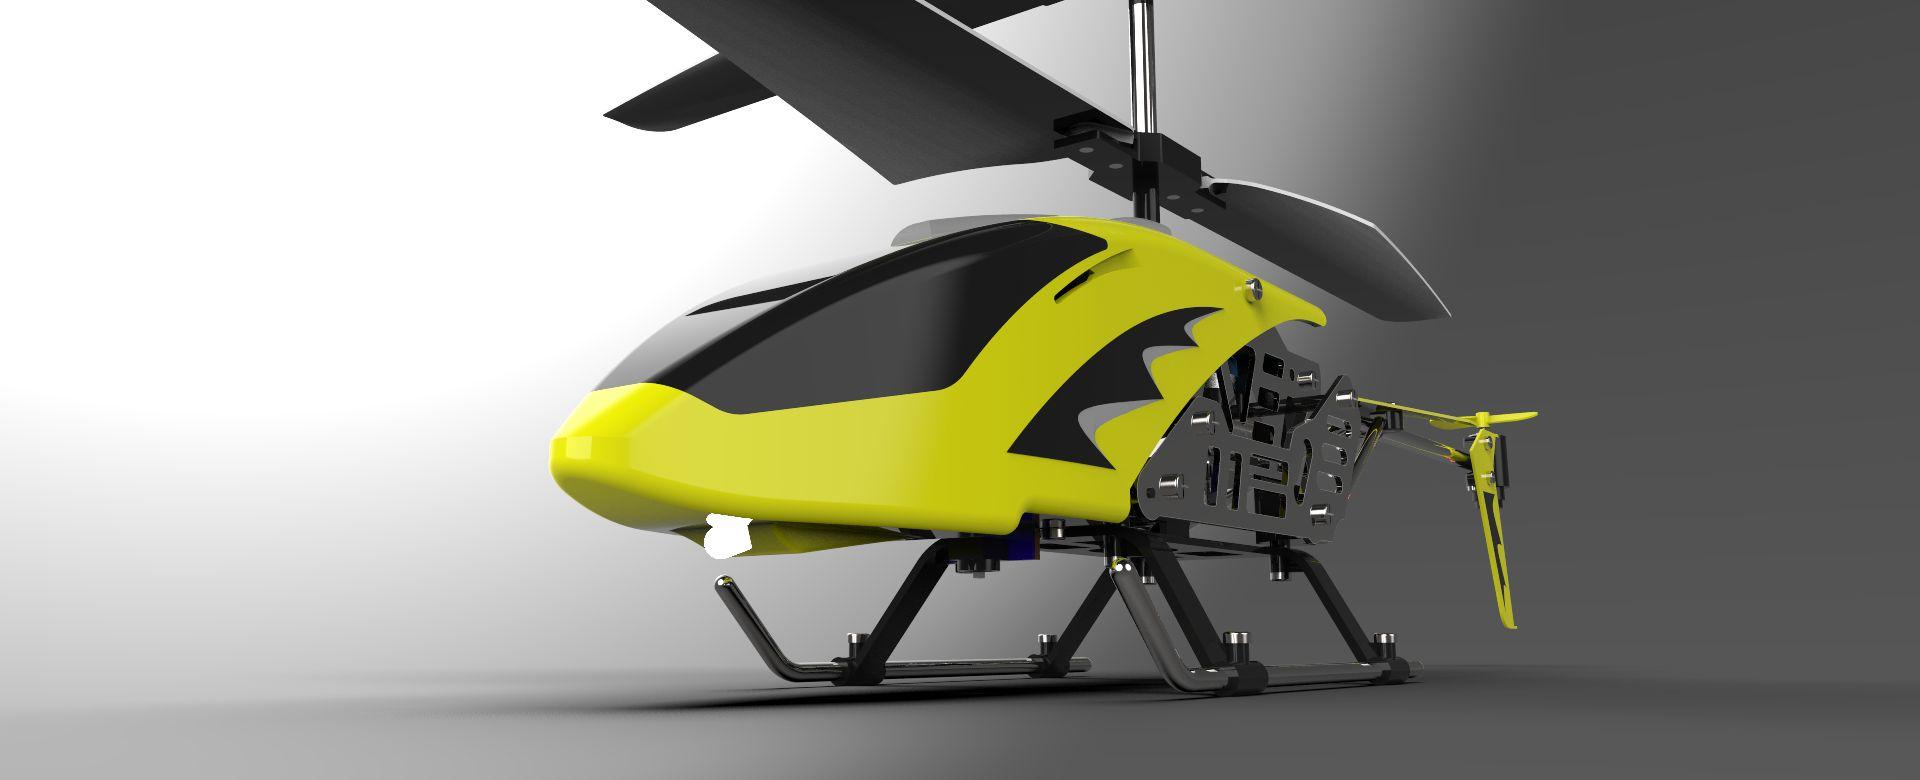 Choper-176-3500-3500